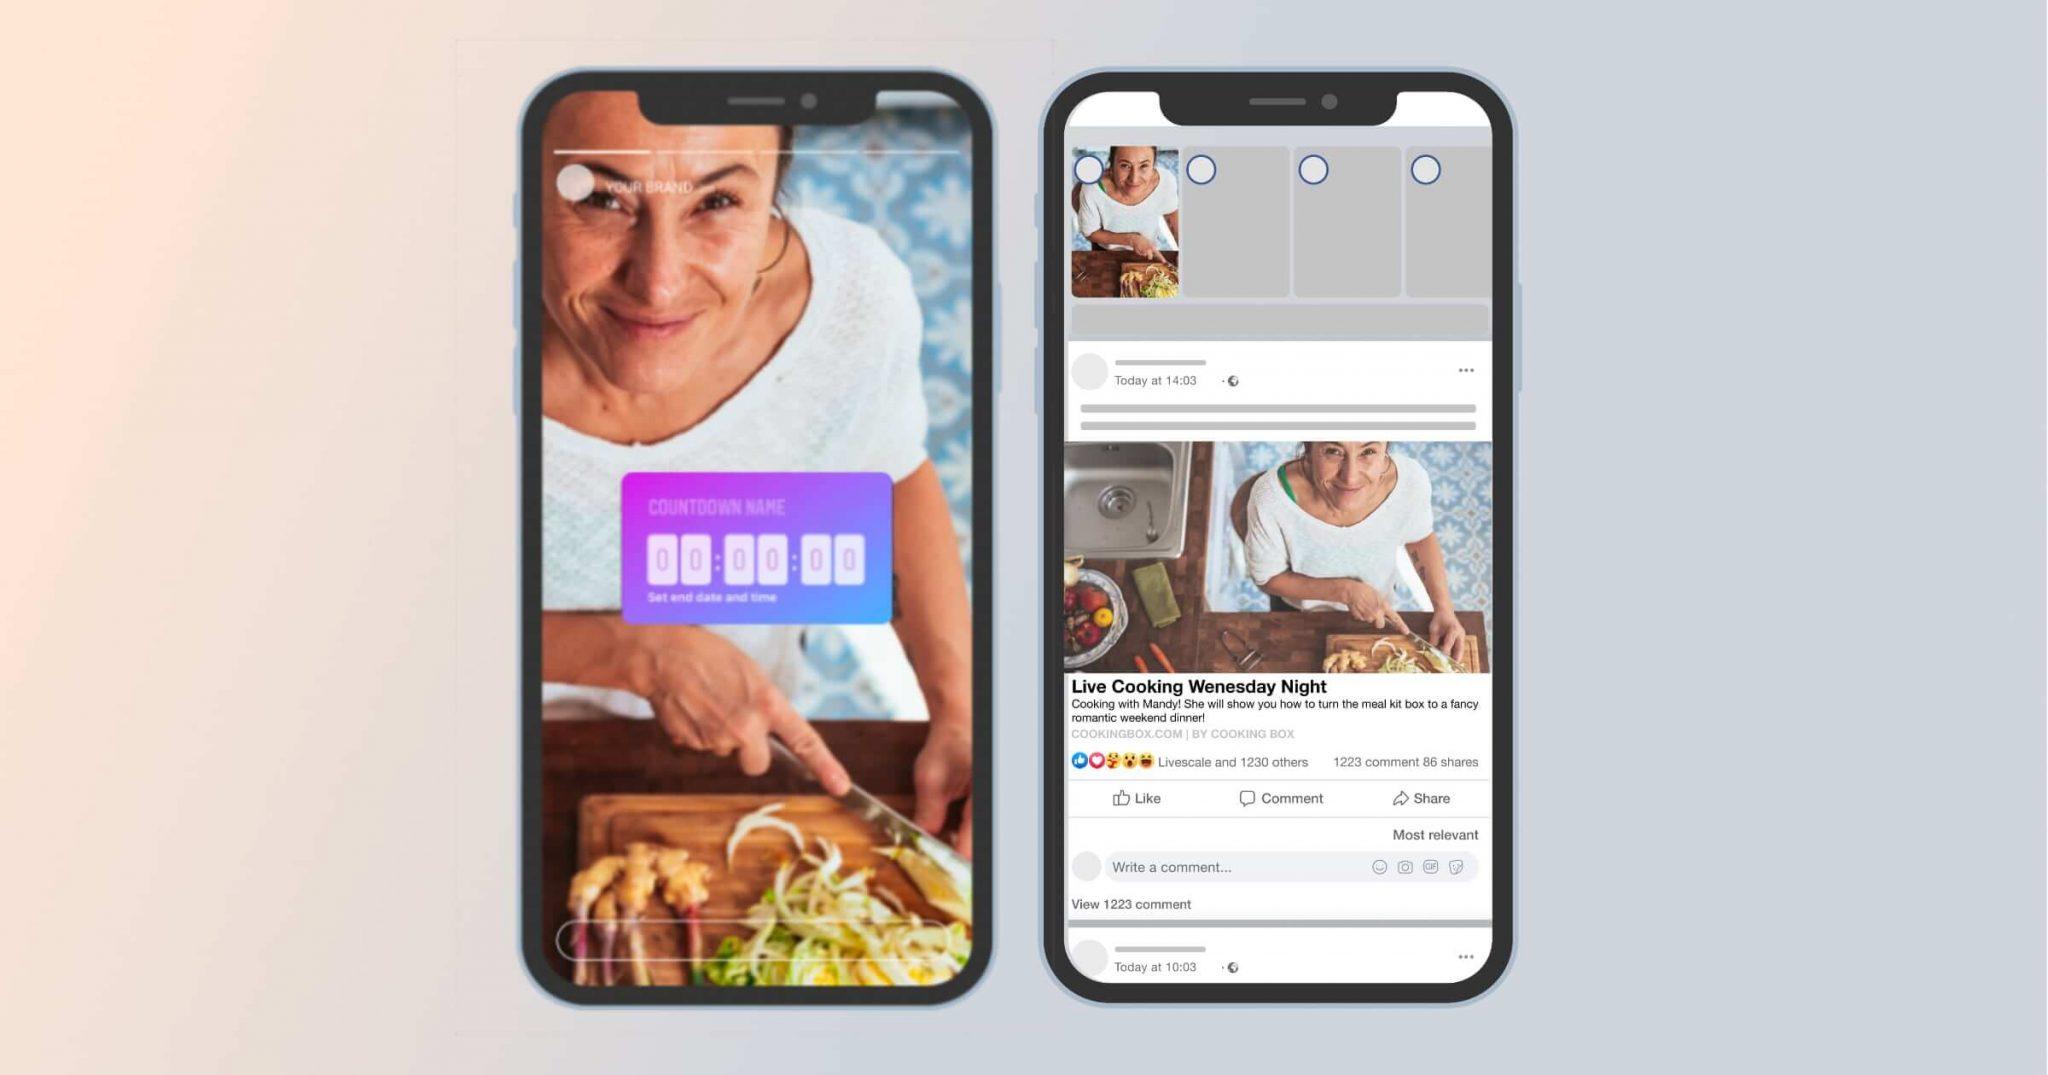 social-media-live-shopping-promotion-instagram-facebook-twitter-tiktok